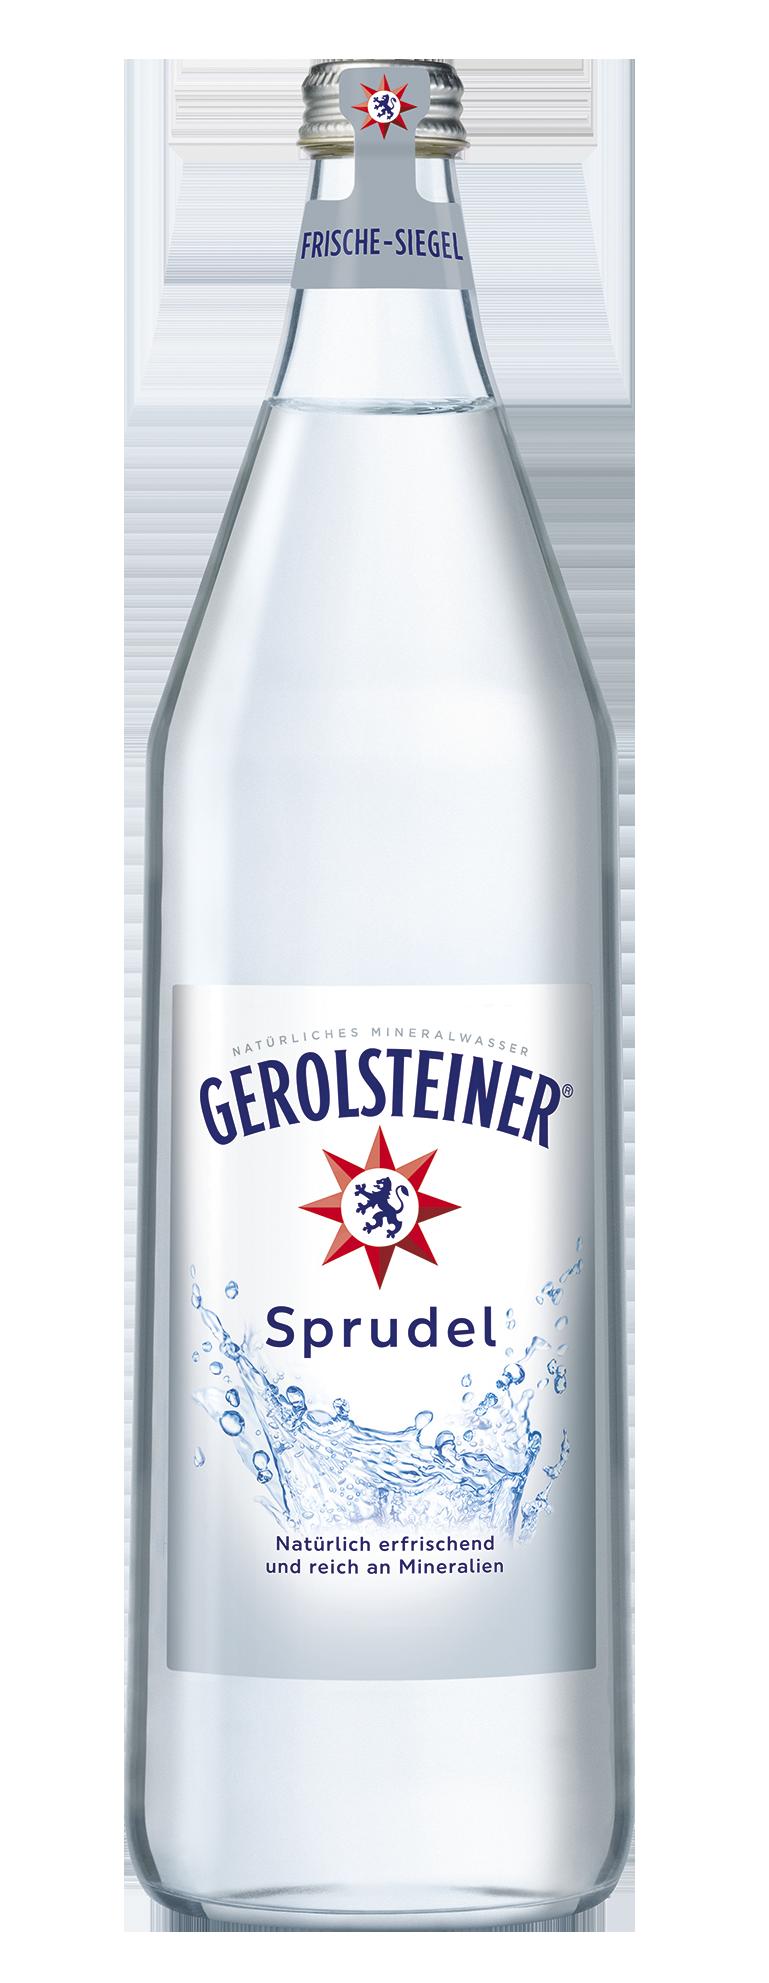 Gerolsteiner Sprudel